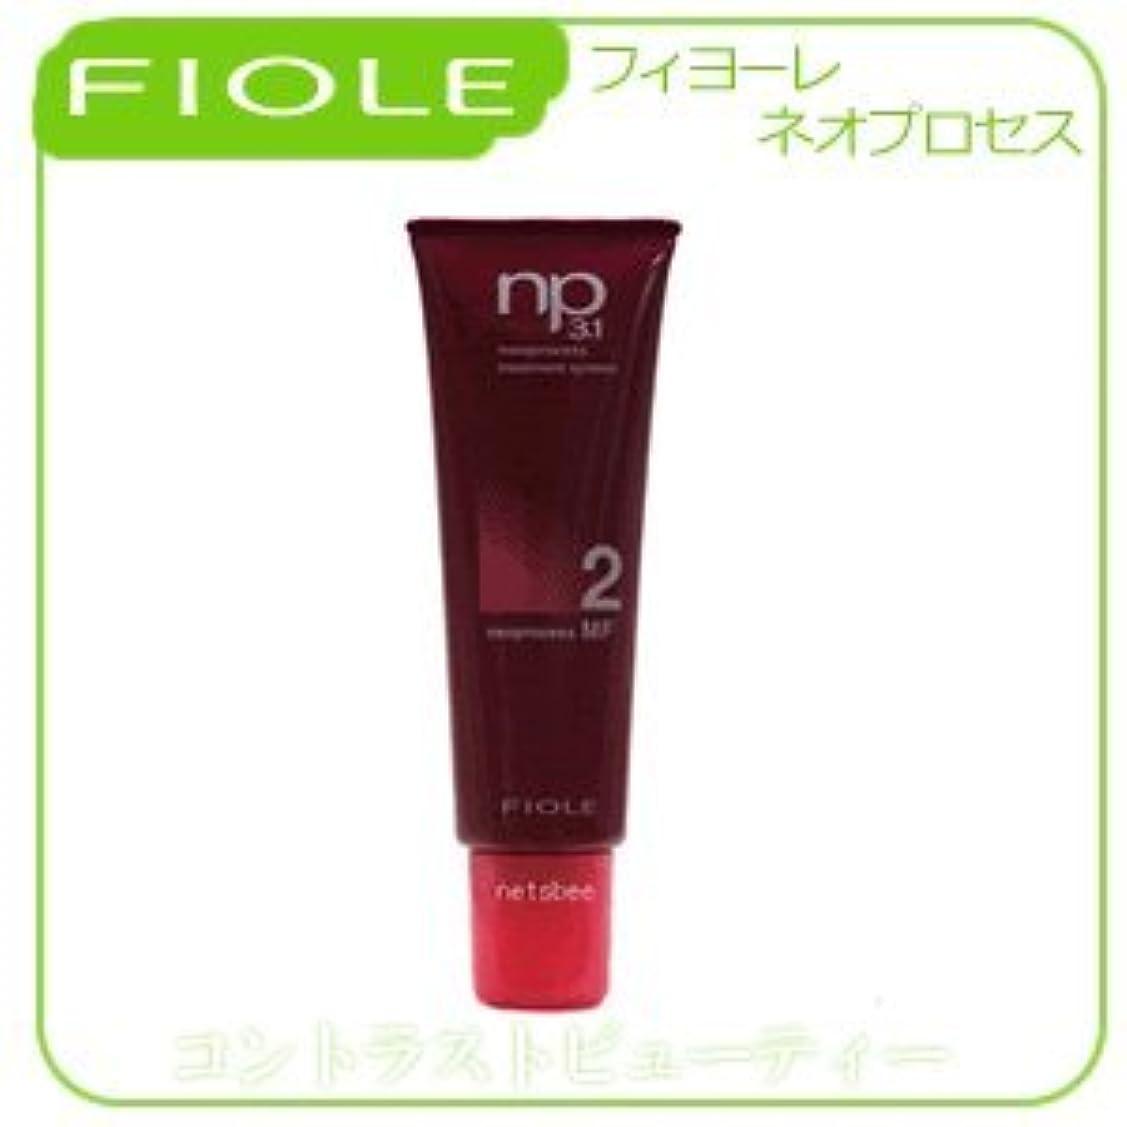 性格気質衝動フィヨーレ NP3.1 ネオプロセス MF2 130g FIOLE ネオプロセス